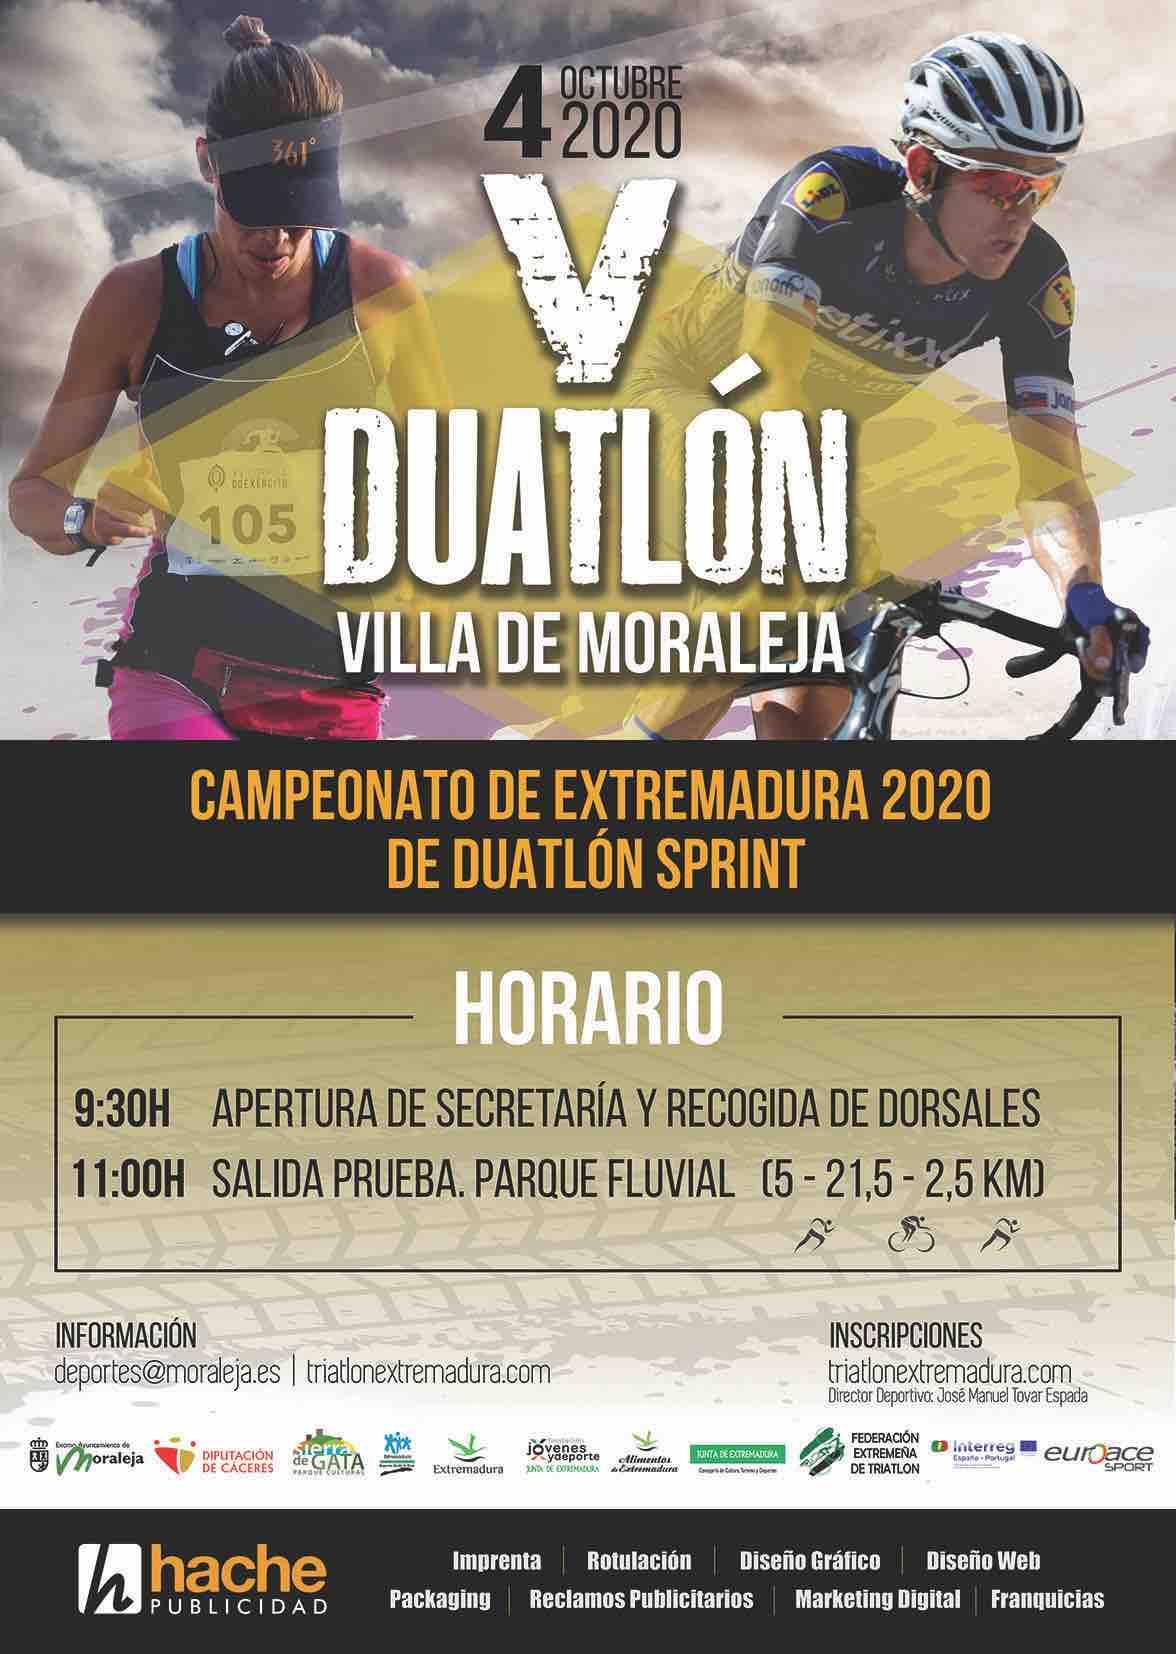 Campeonato de Extremadura de Duatlón Sprint 2020